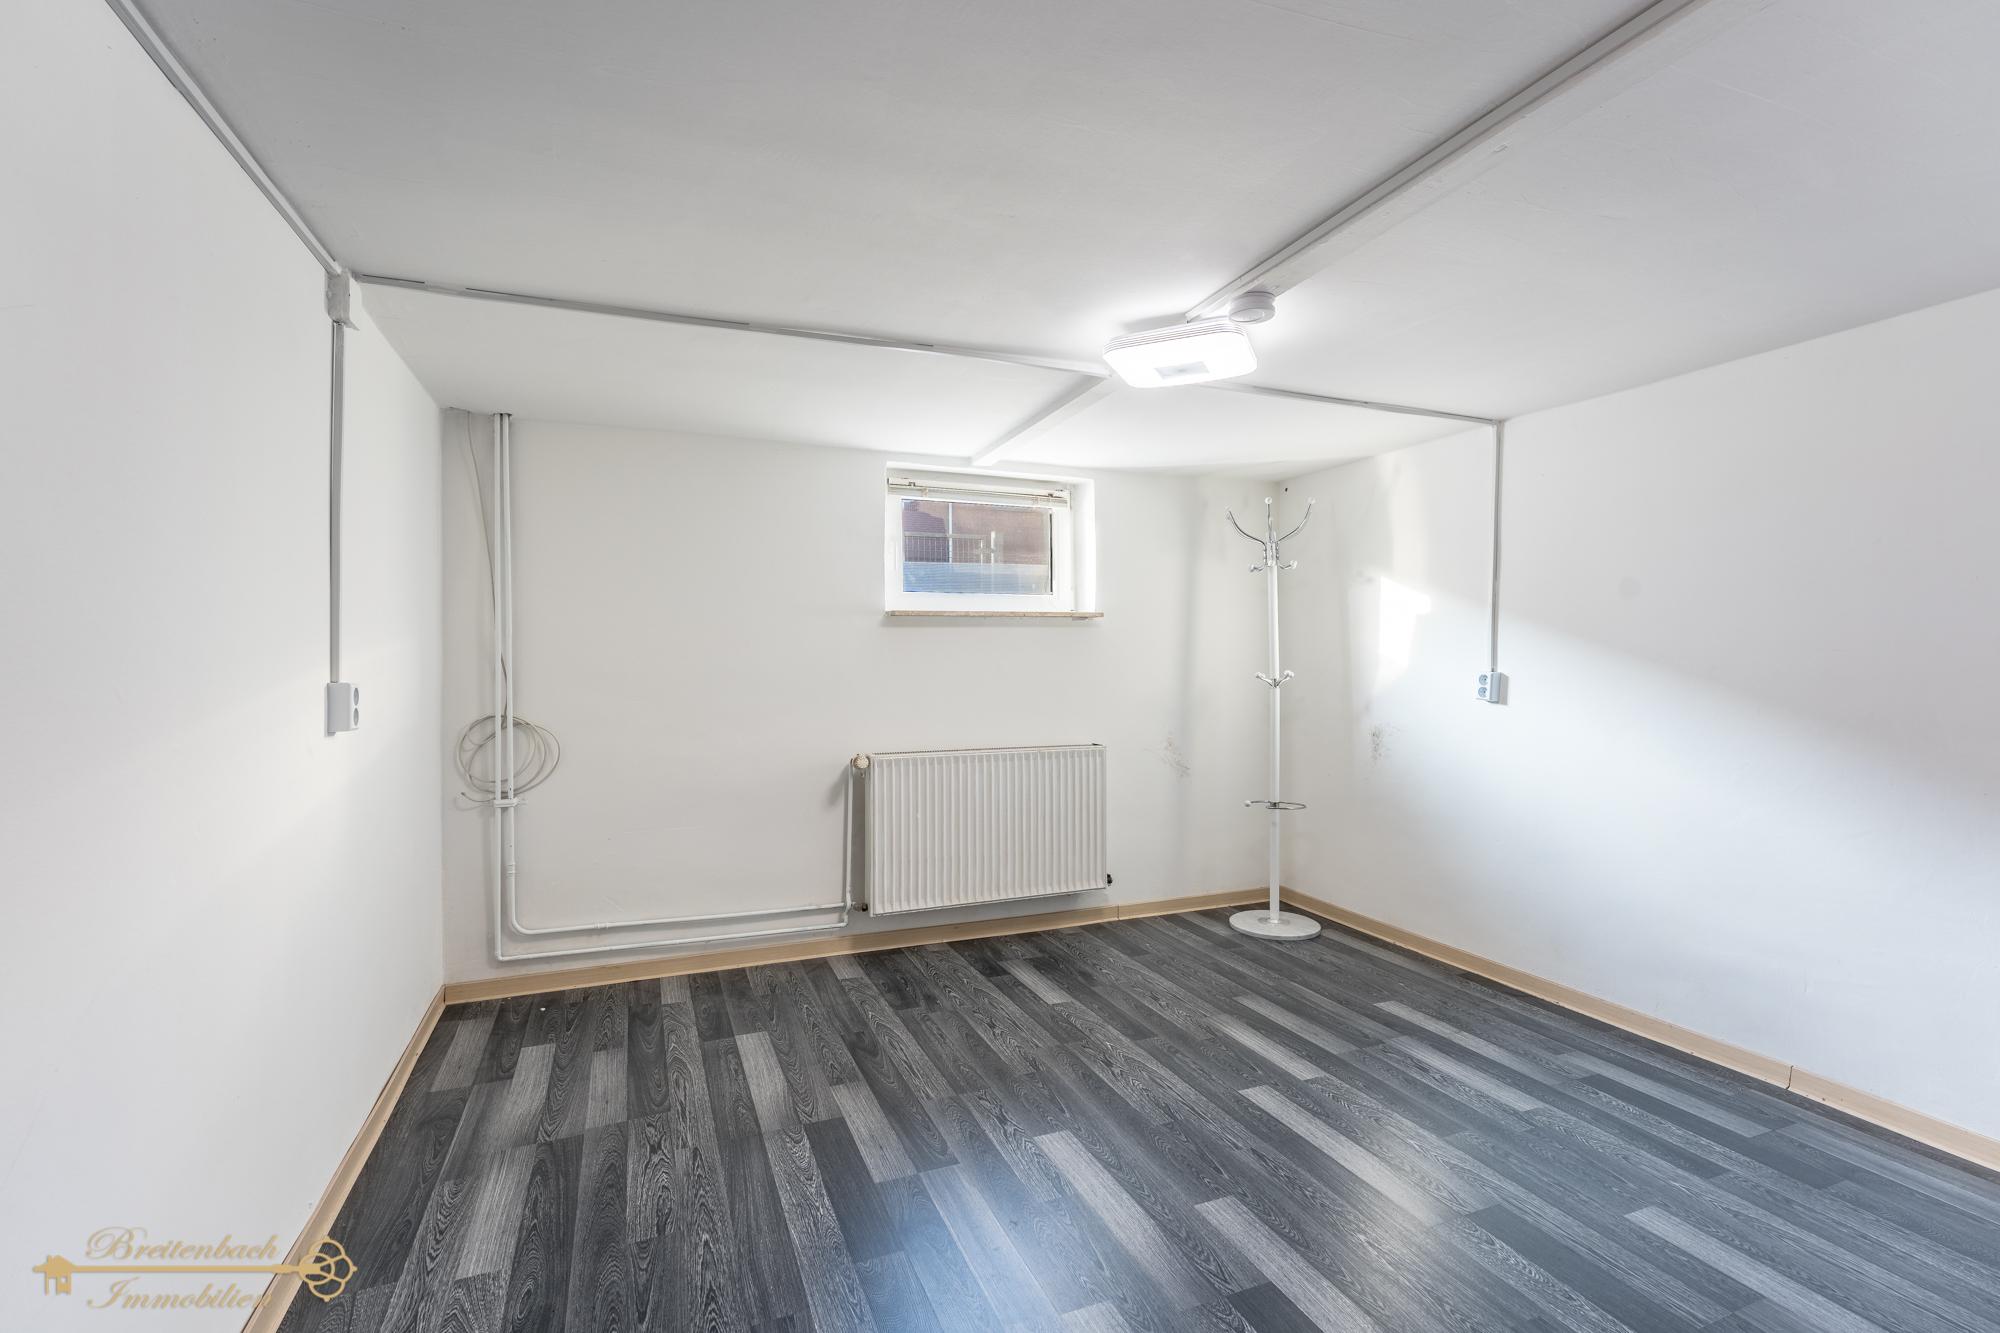 2020-12-05-Breitenbach-Immobilien-21